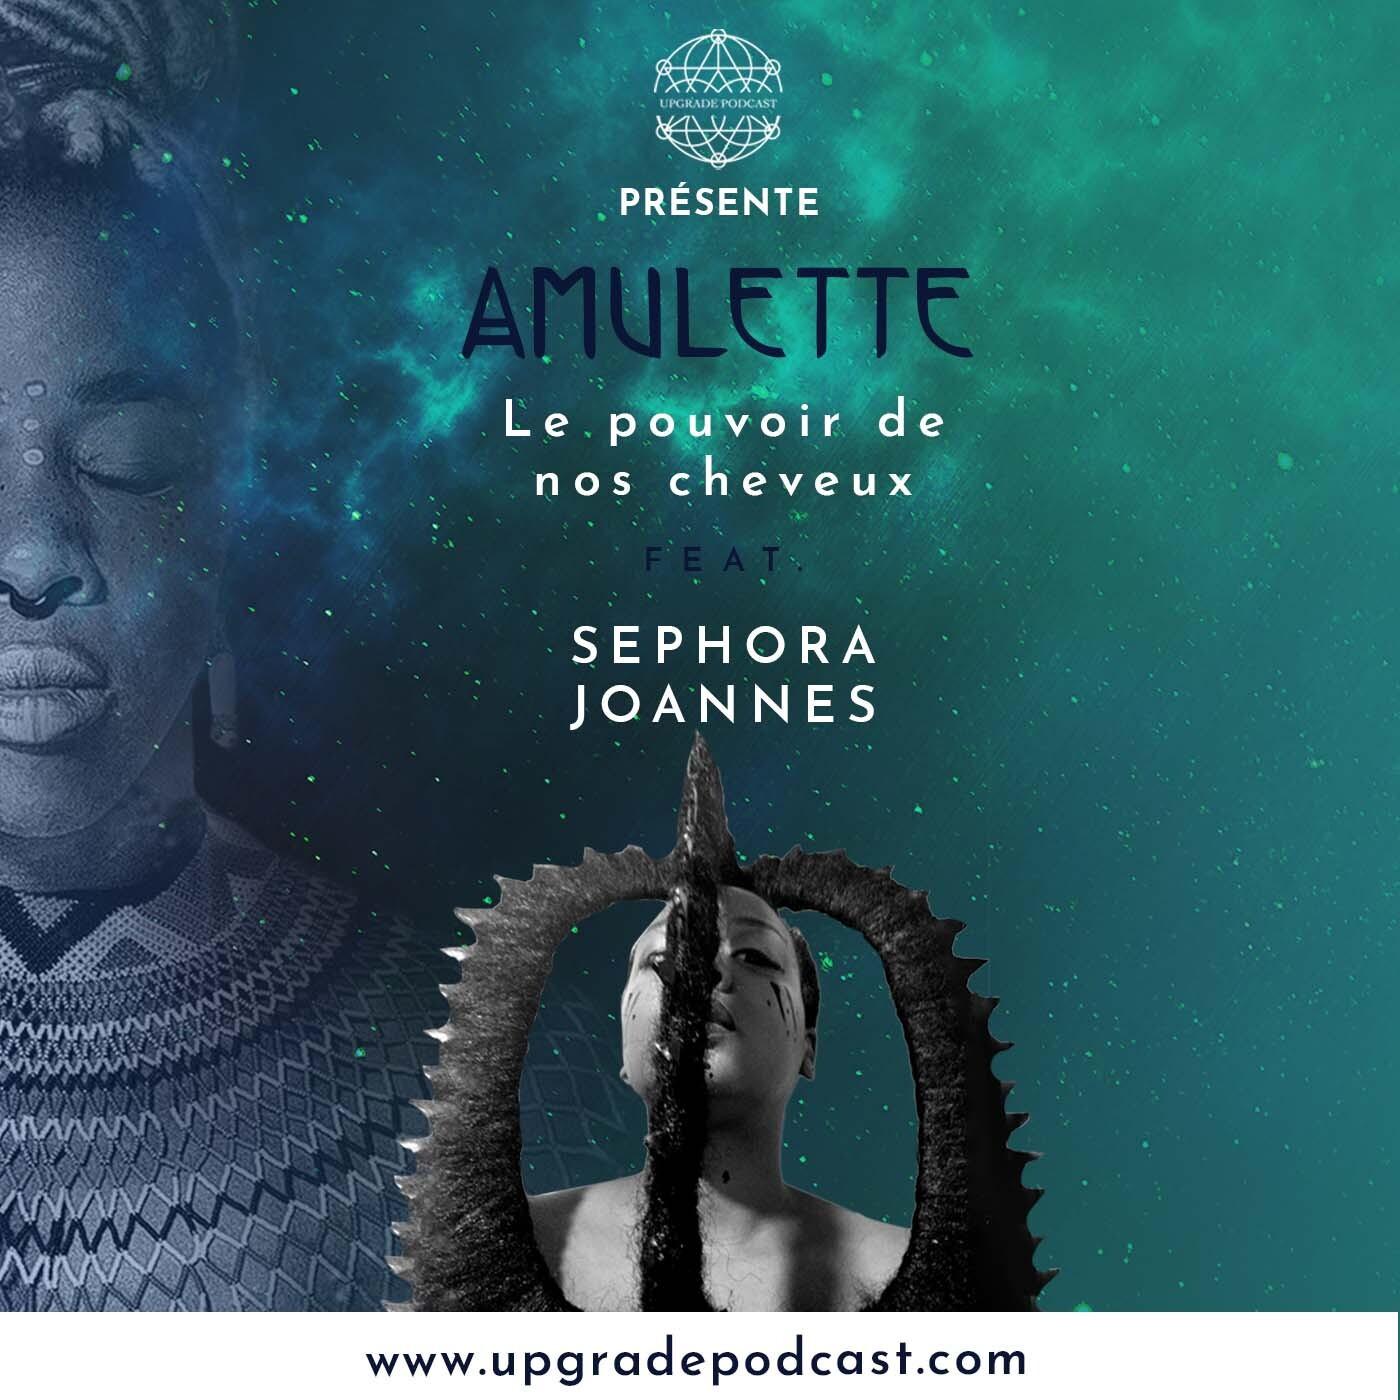 S02EP08 : L'ancrage des racines de nos cheveux avec Sephora Joannes | Amulette Podcast